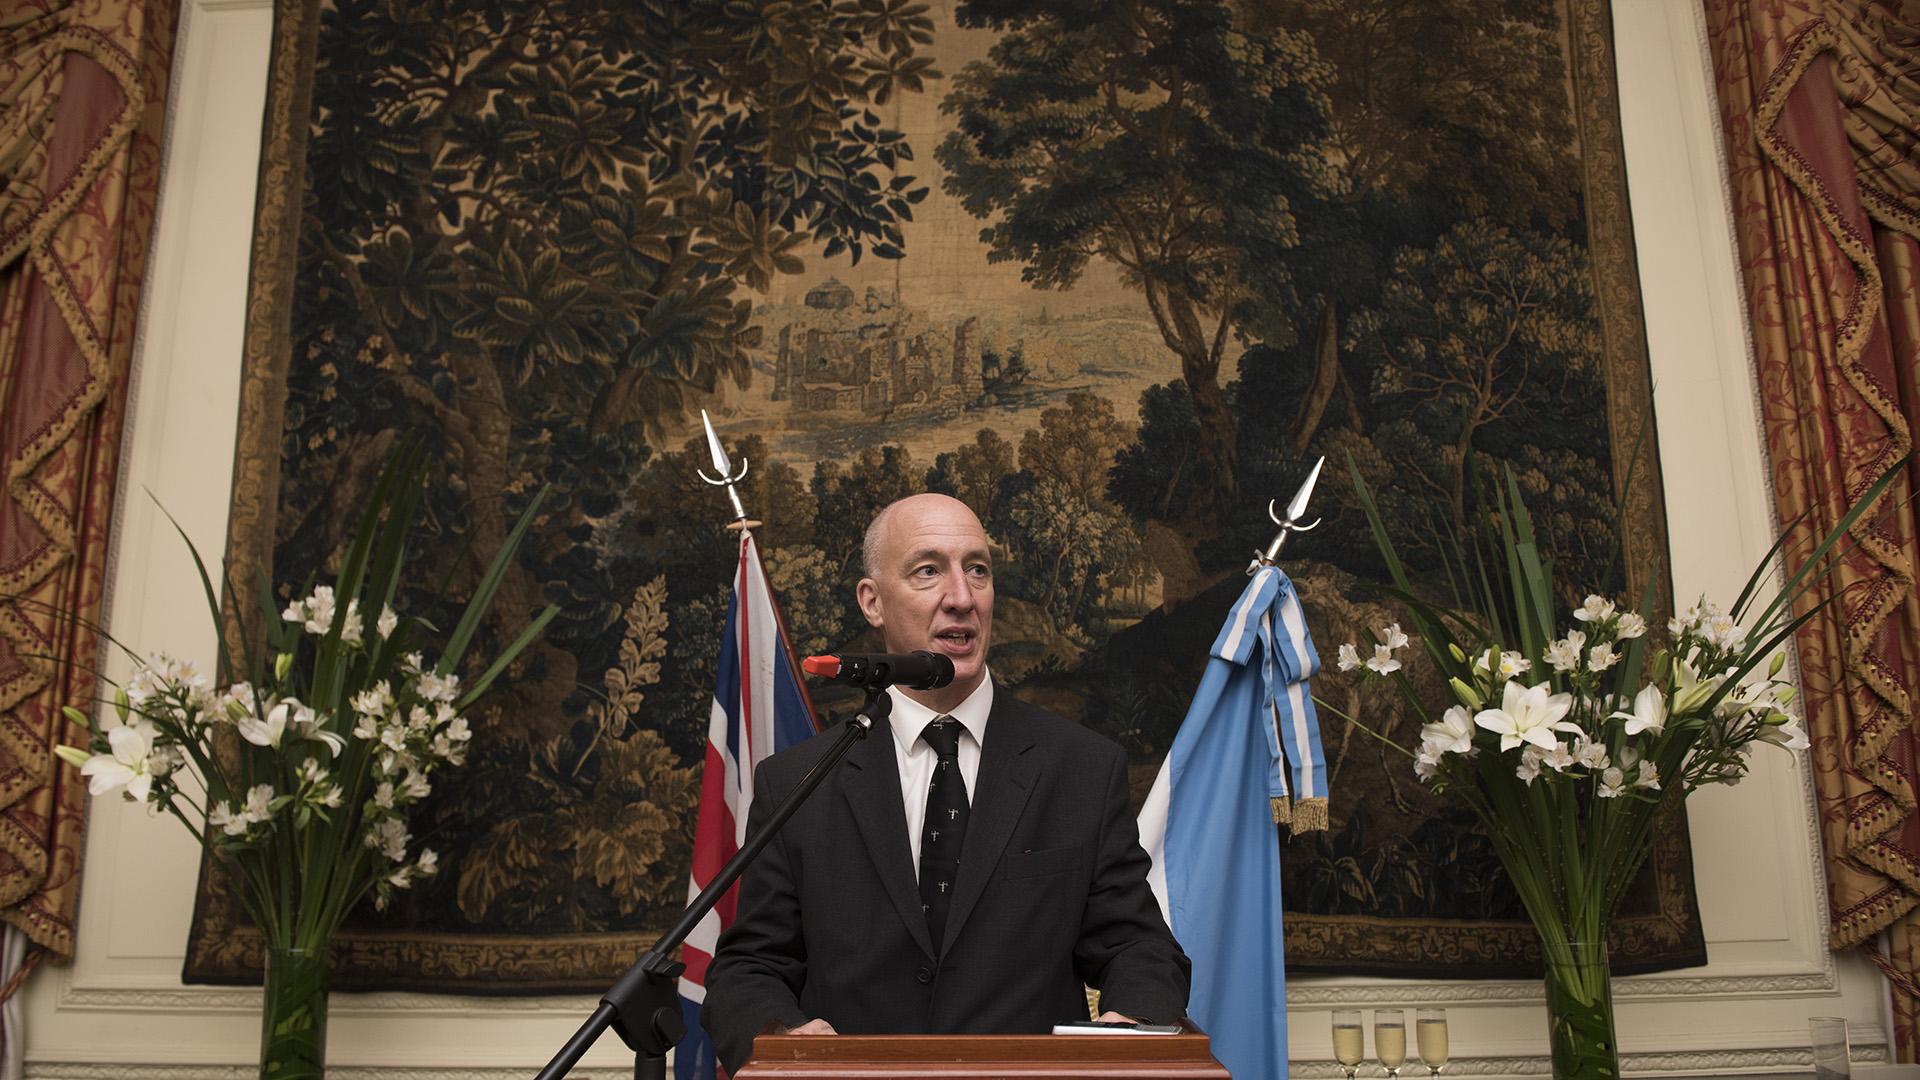 Previo a iniciar su discurso, el embajador Kent pidió un minuto de silencio por los 44 tripulantes del ARA San Juan